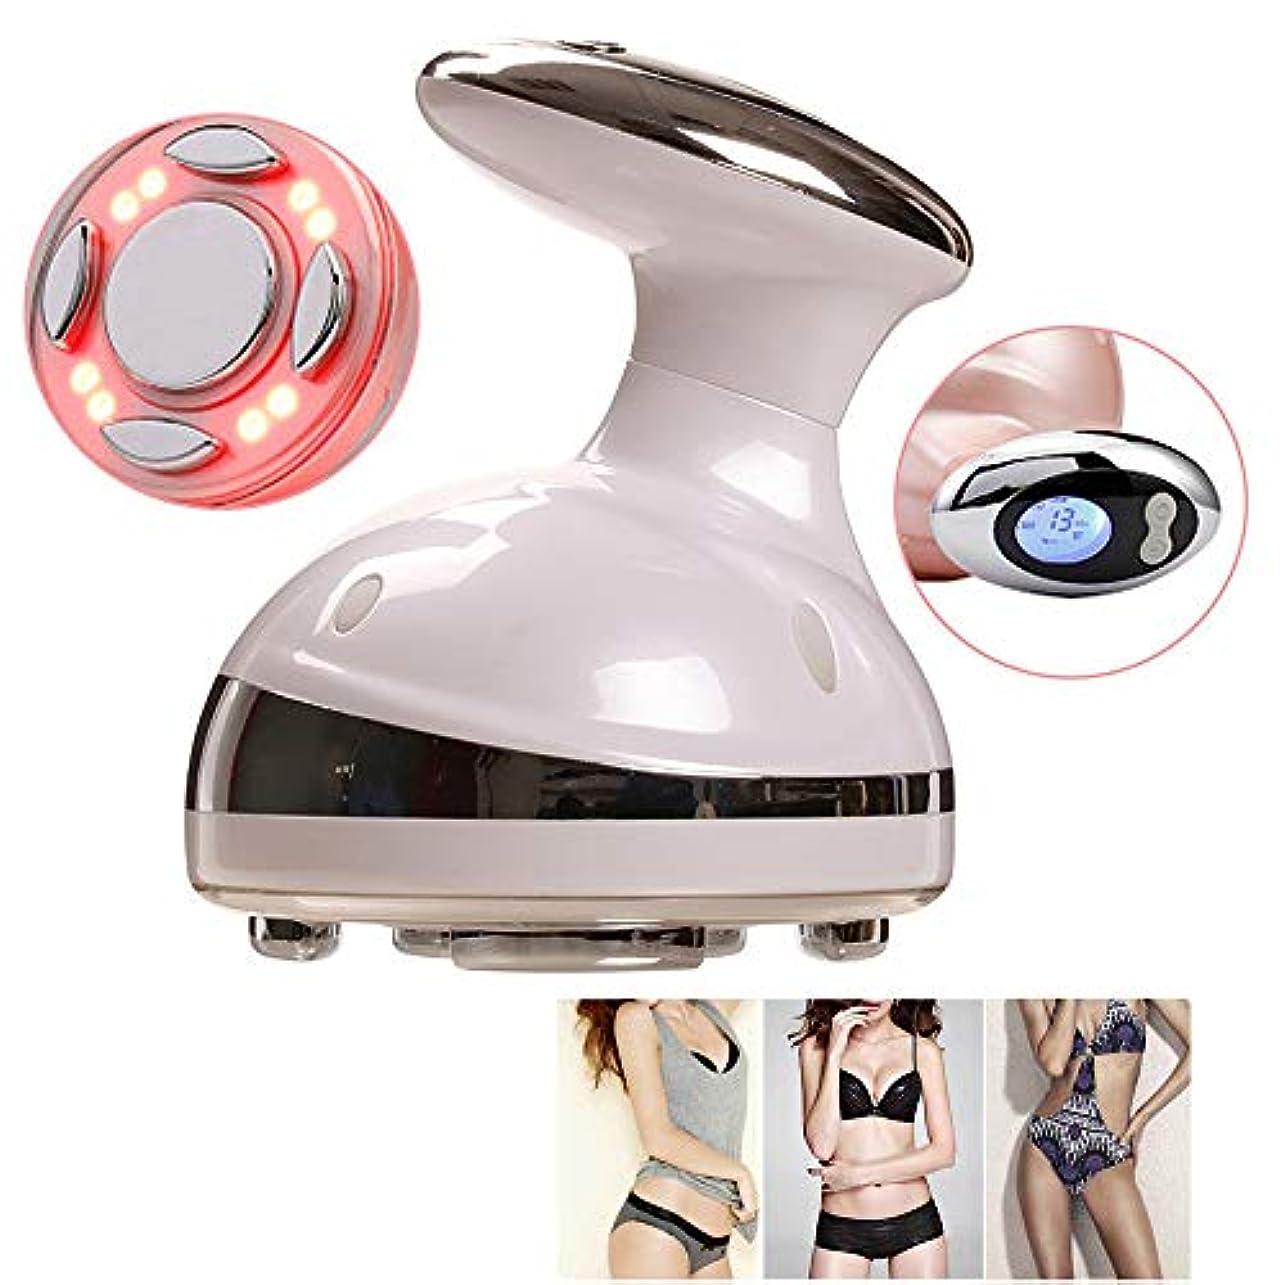 ルアー責める勧める電気 RF キャビテーション超音波ボディ痩身マッサージ LED 脂肪バーナー抗セルライト肌引き締め減量美容ツール,White